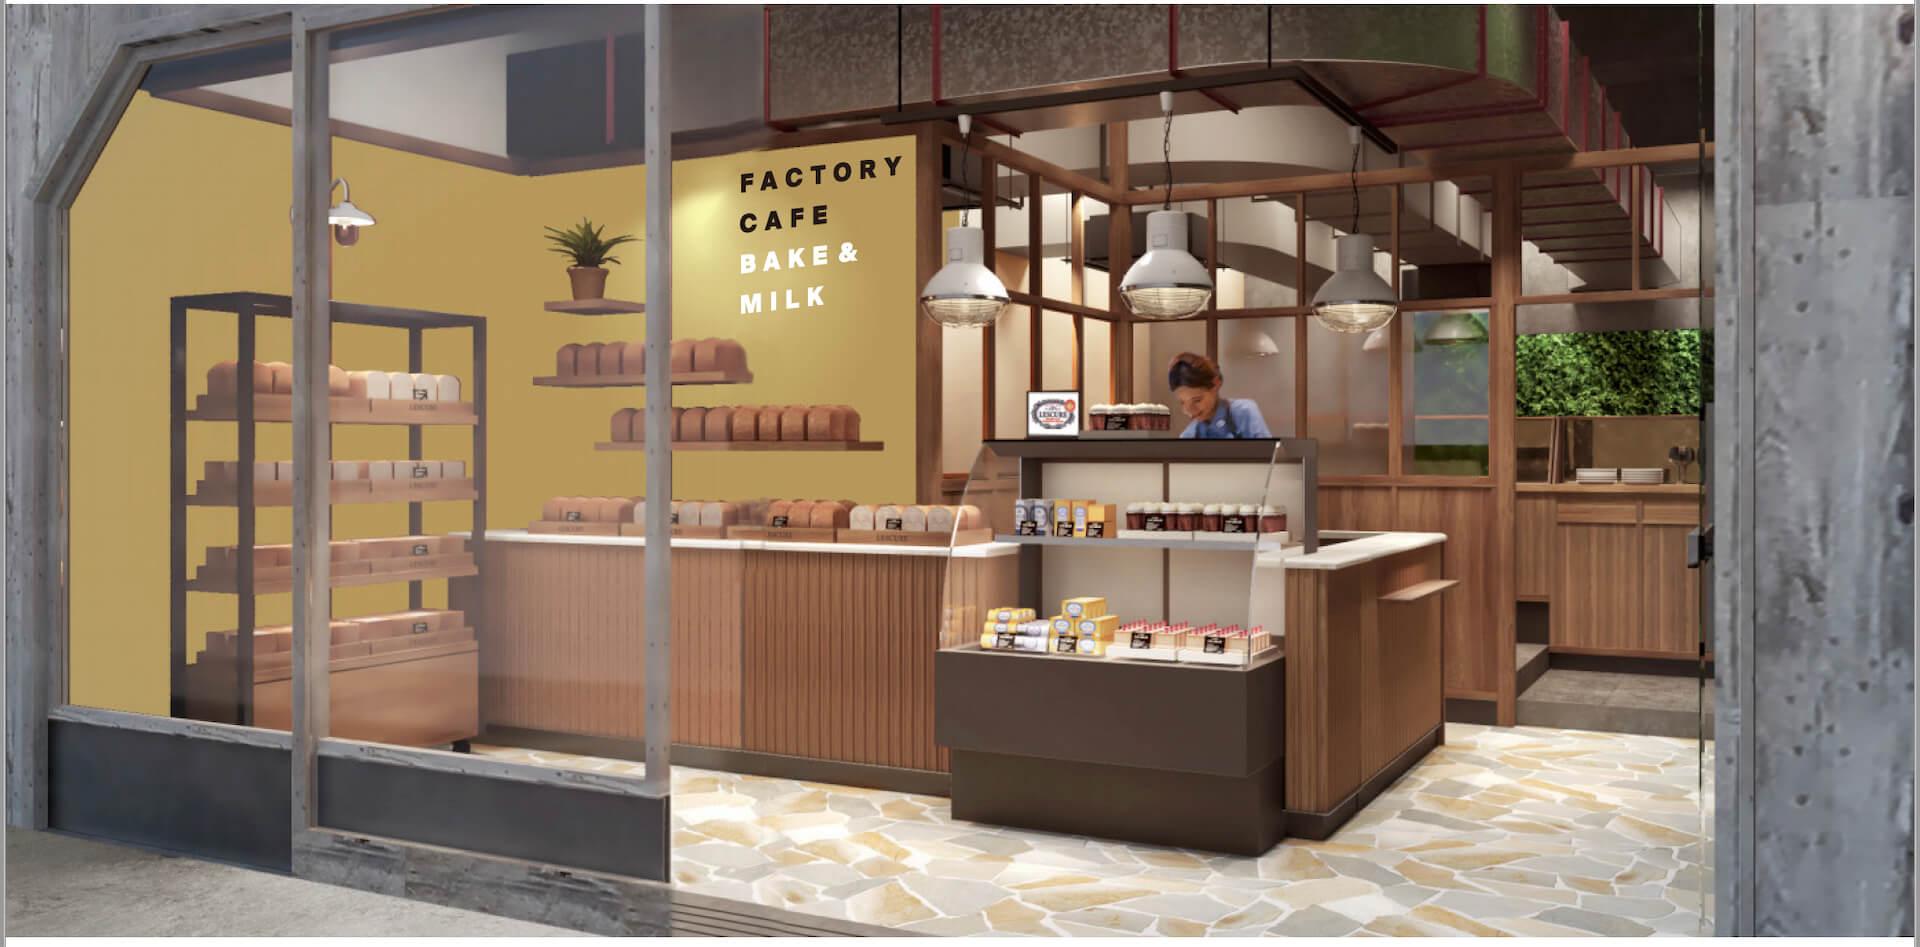 熊本・ASO MILKを使った超濃厚なマリトッツォ&ソフトクリームがBAKE&MILKで本日発売! gourmet210408_bakeandmilk_1